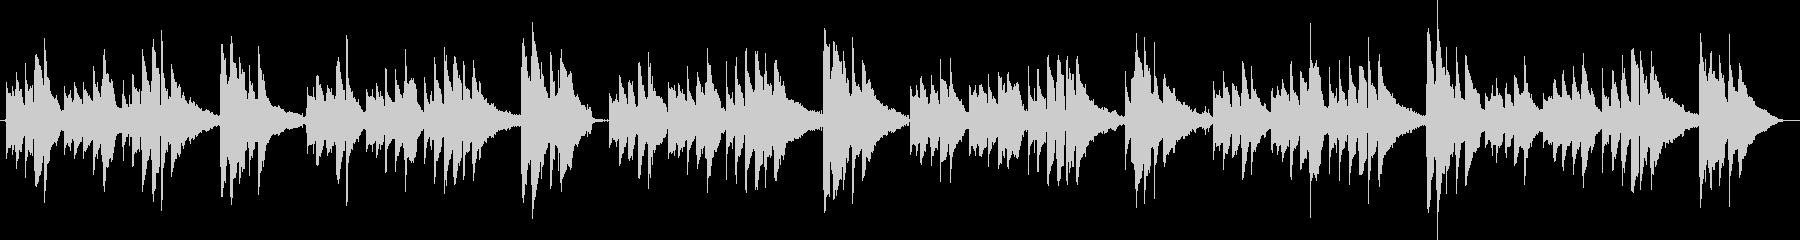 ハッピーバースデートゥーユー アコギ演奏の未再生の波形